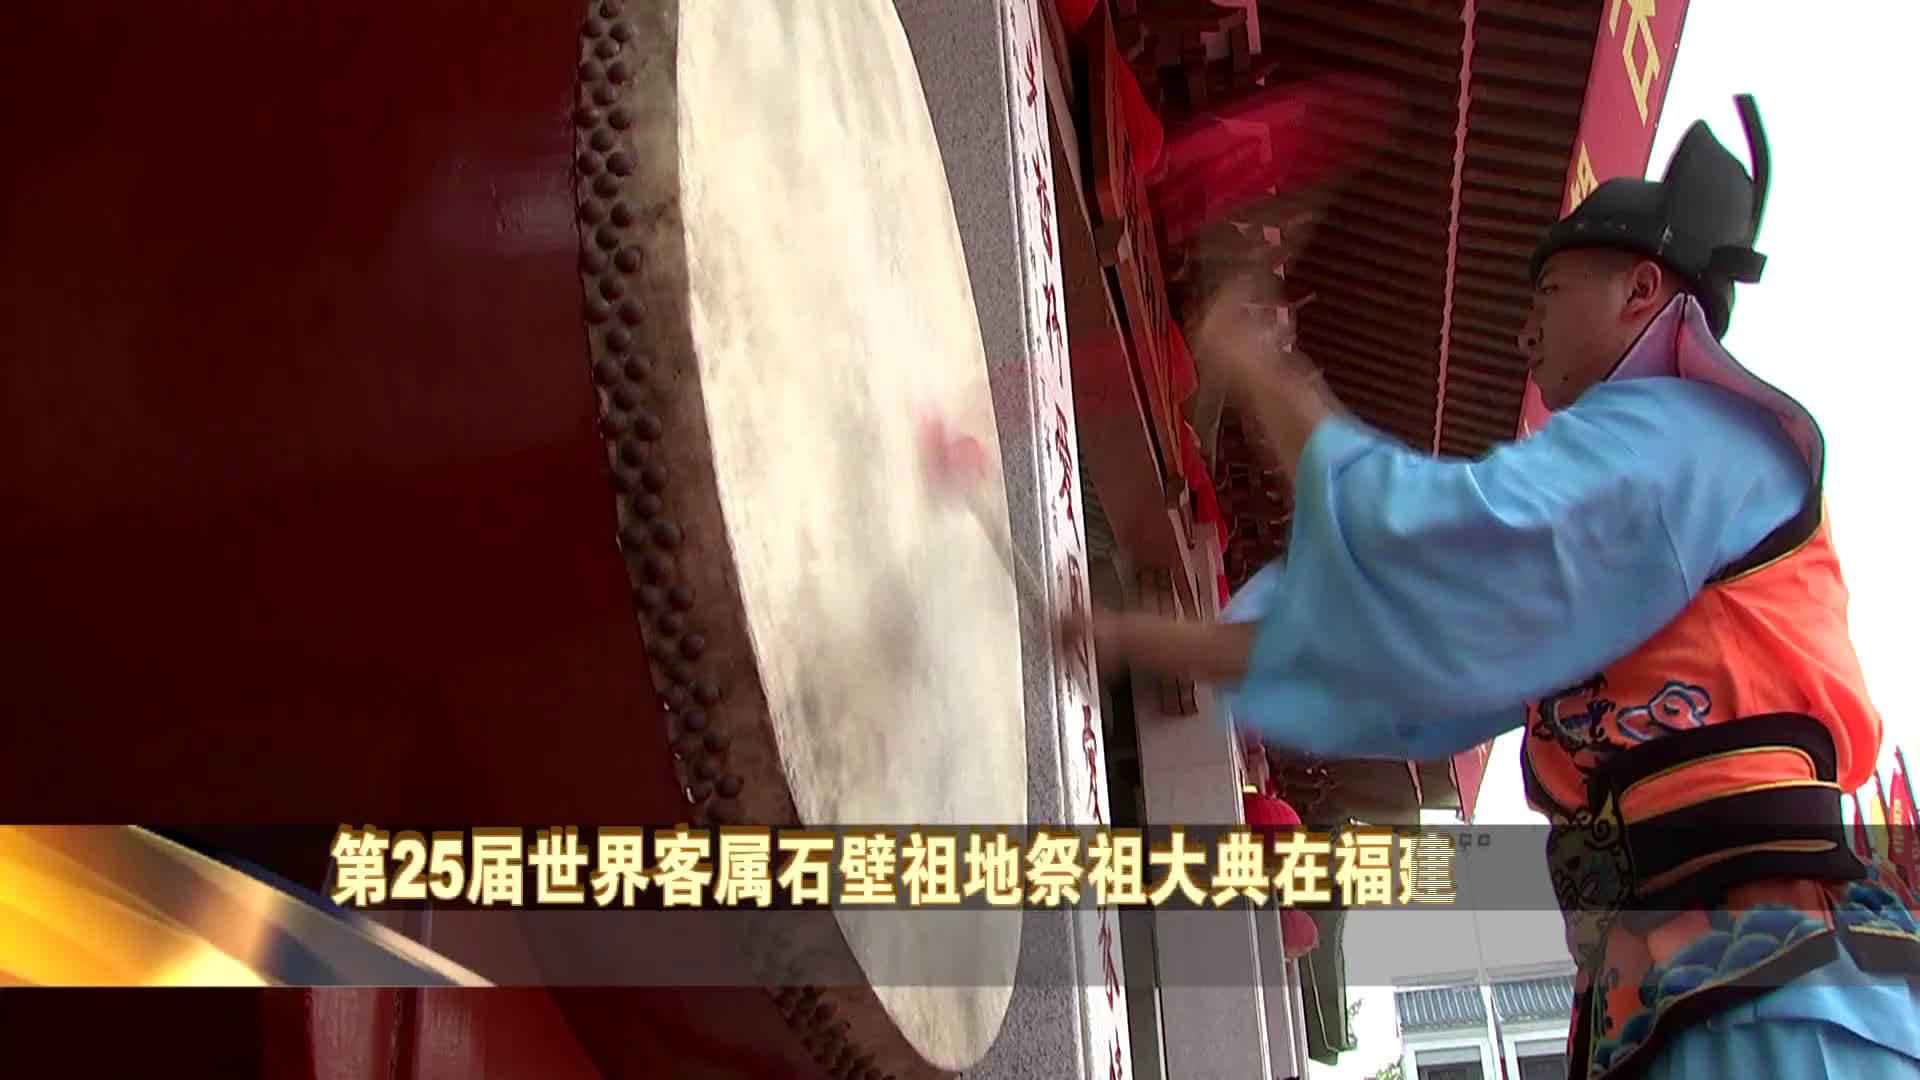 海峡焦点   第25届世界客属石壁祖地祭祖大典在福建宁化举行